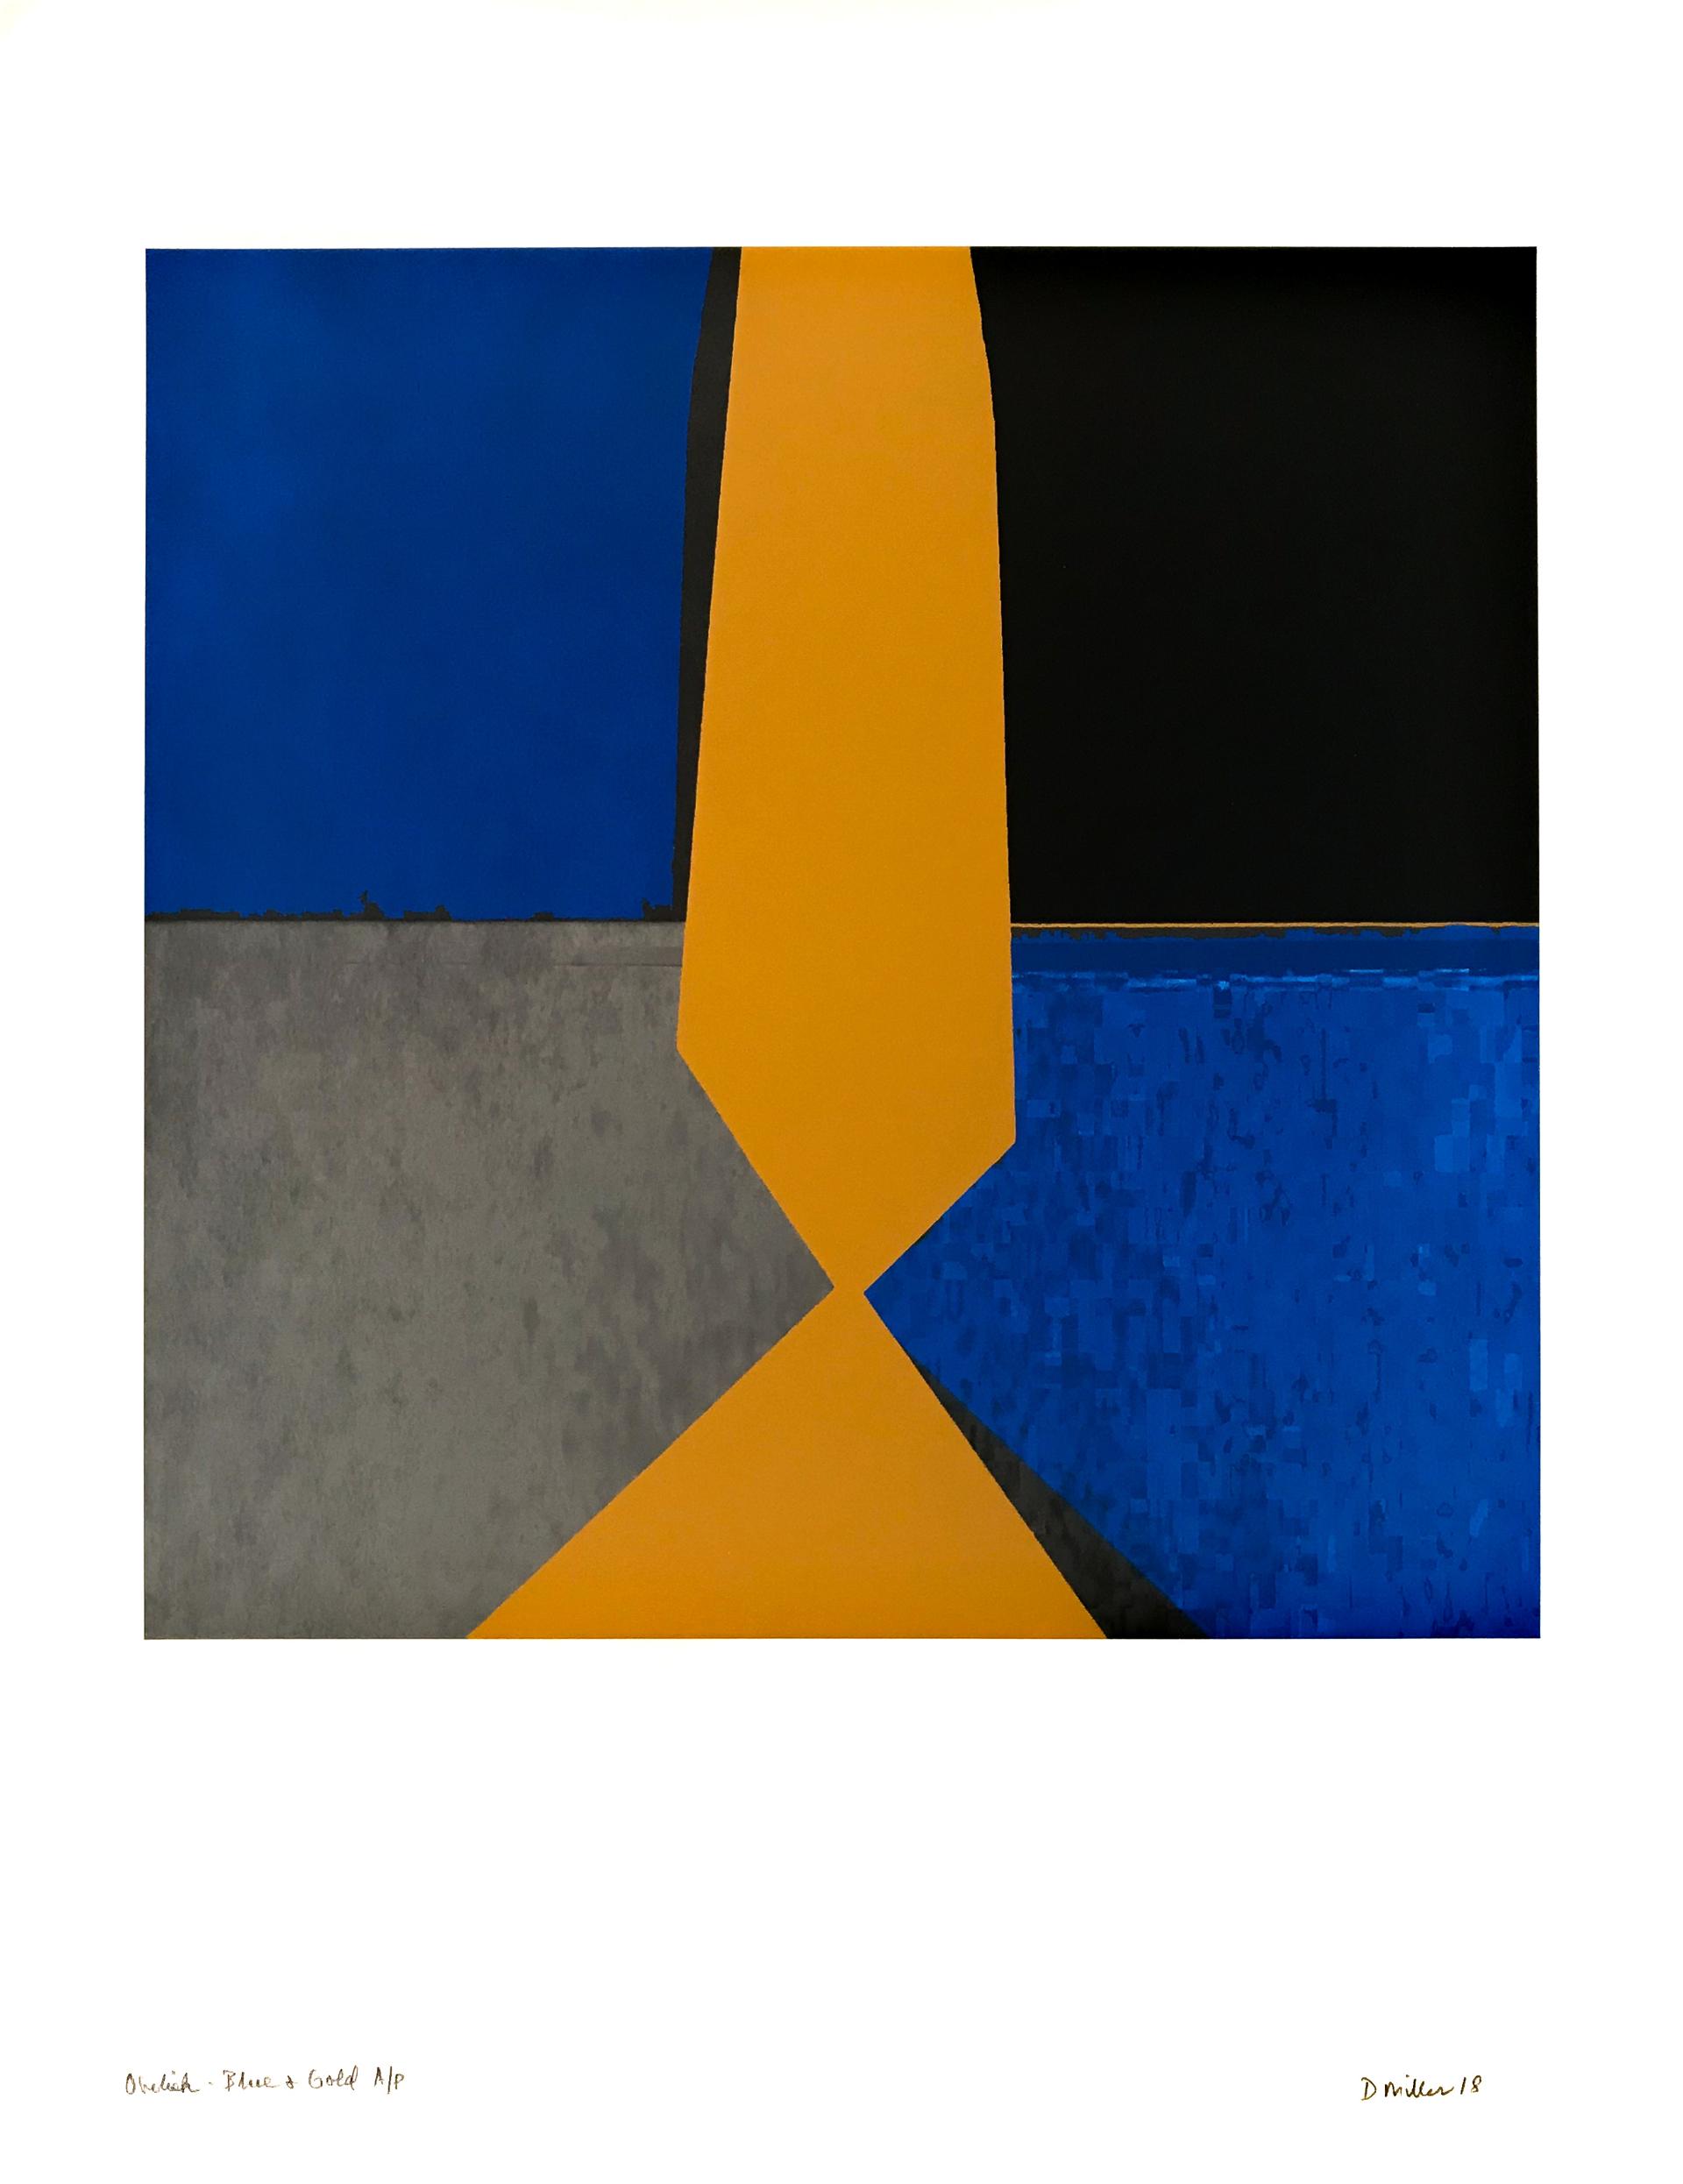 Obelisk - Blue & Gold by David Miller